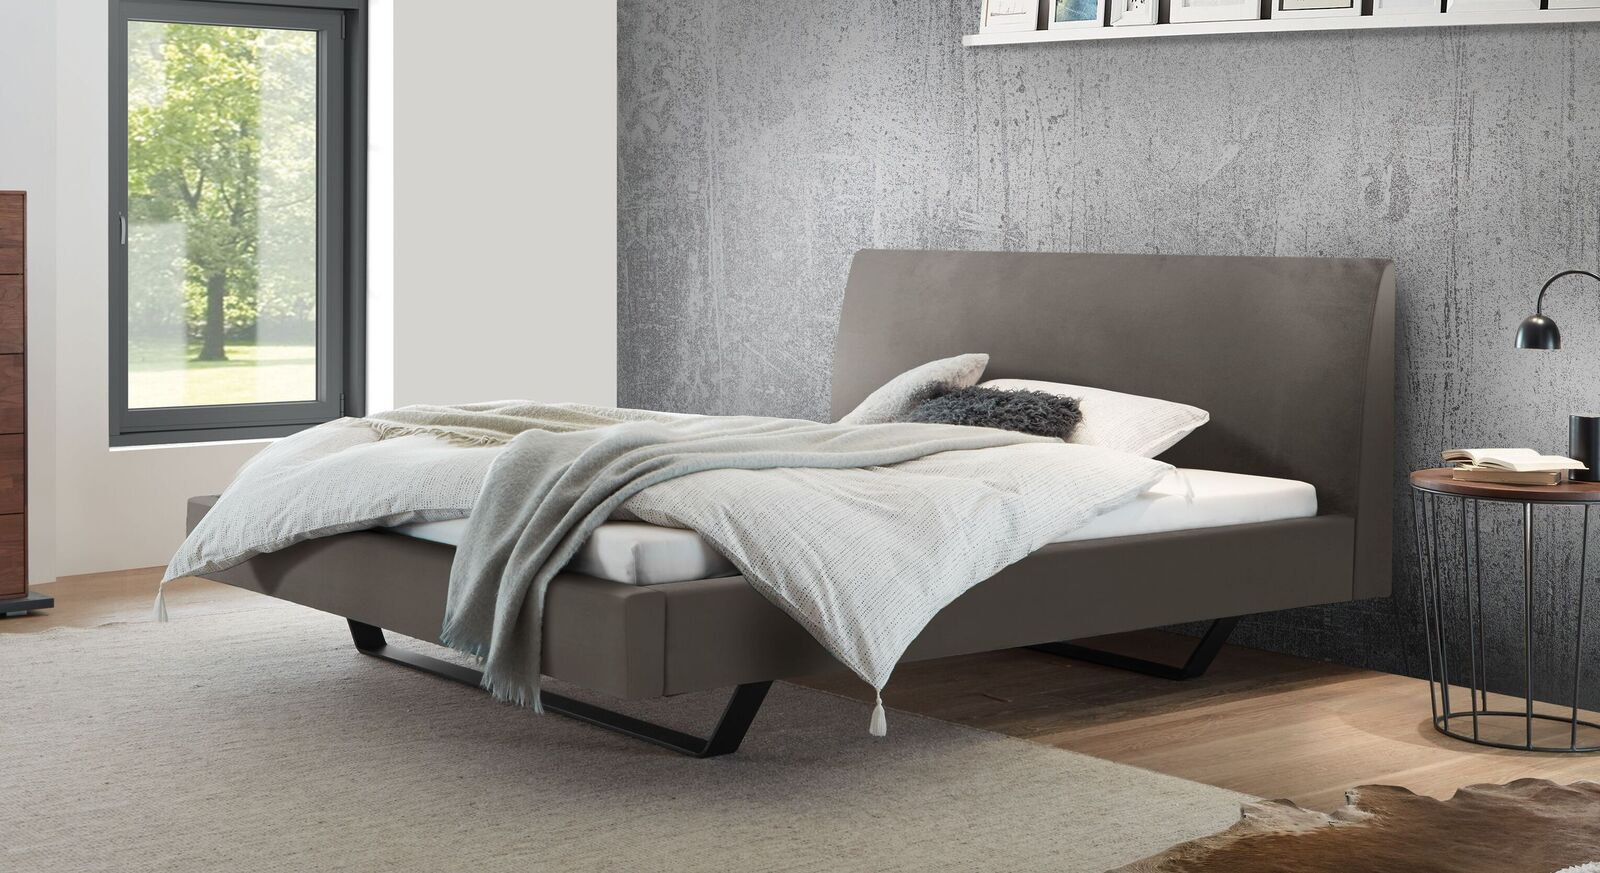 Bett Lieven mit grauem Samtbezug